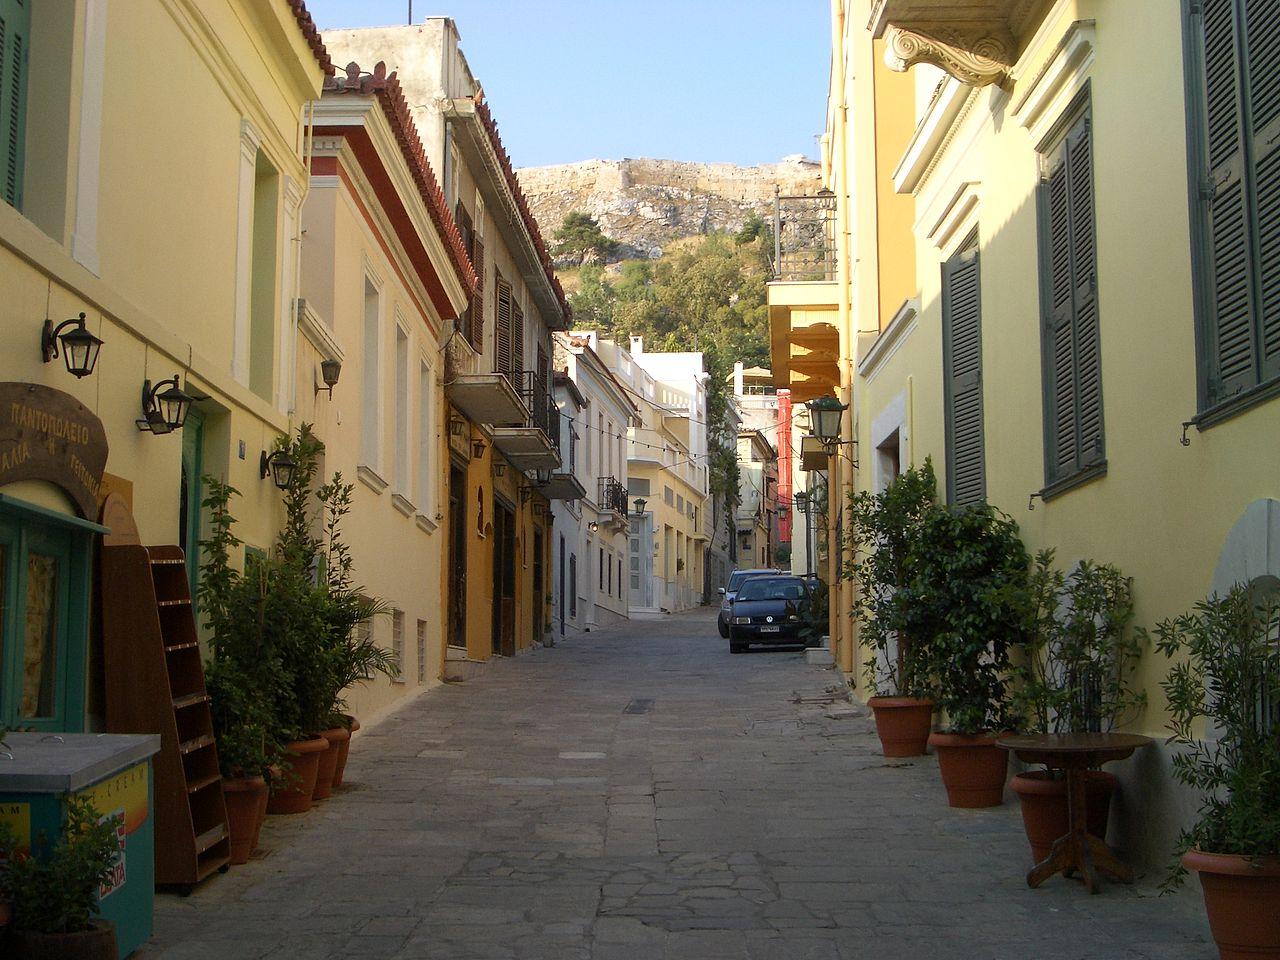 10 experiencias que debes vivir para conocer Grecia al 100% 2